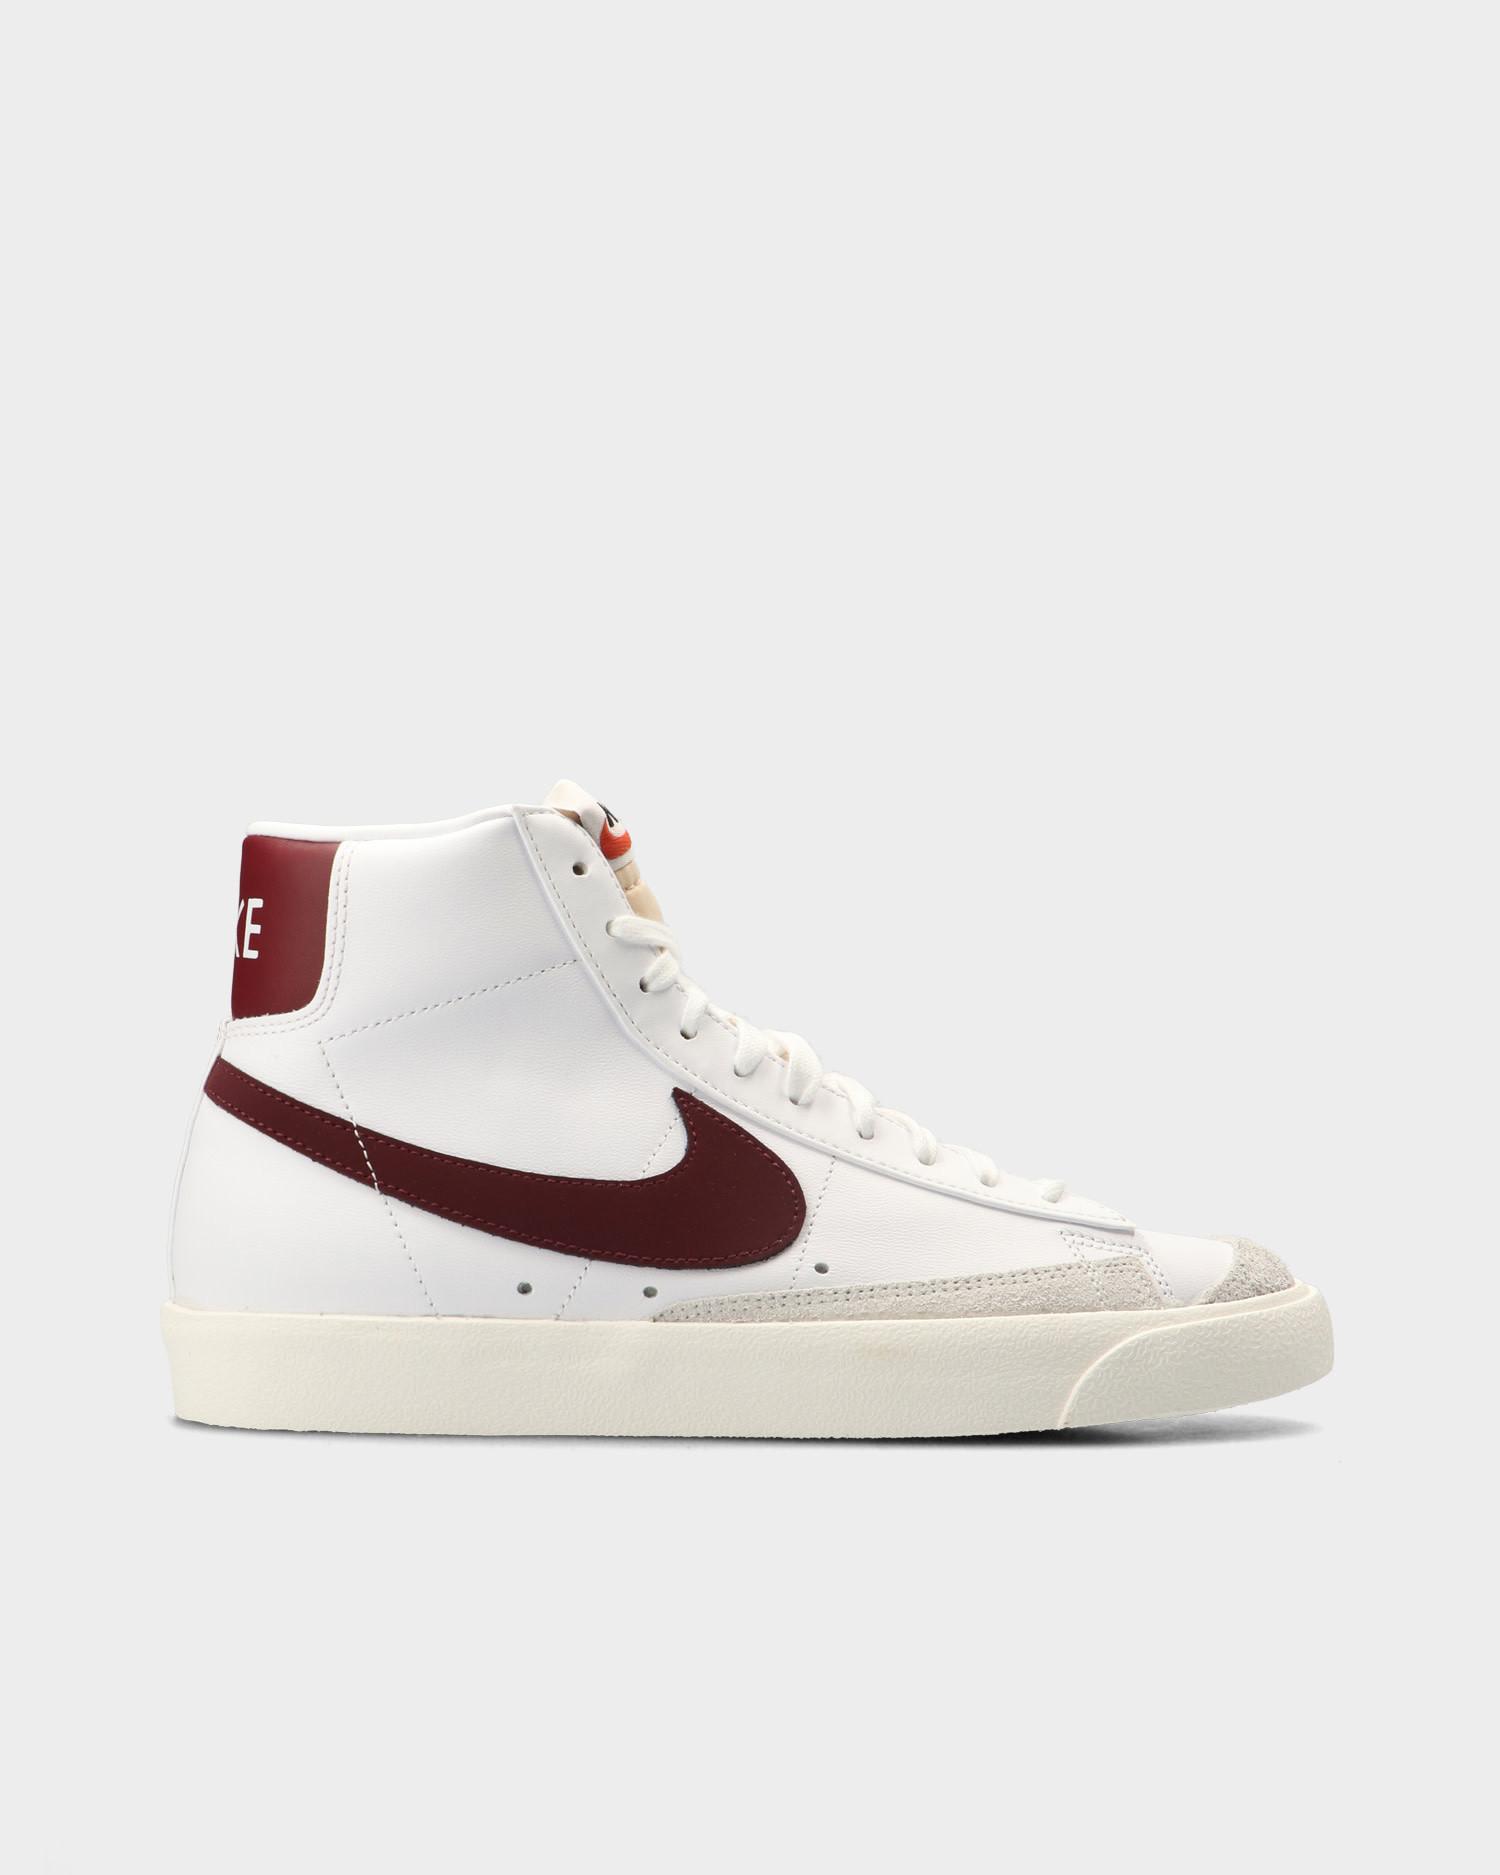 Nike Blazer Mid '77 Vintage White/Team Red-White Sail